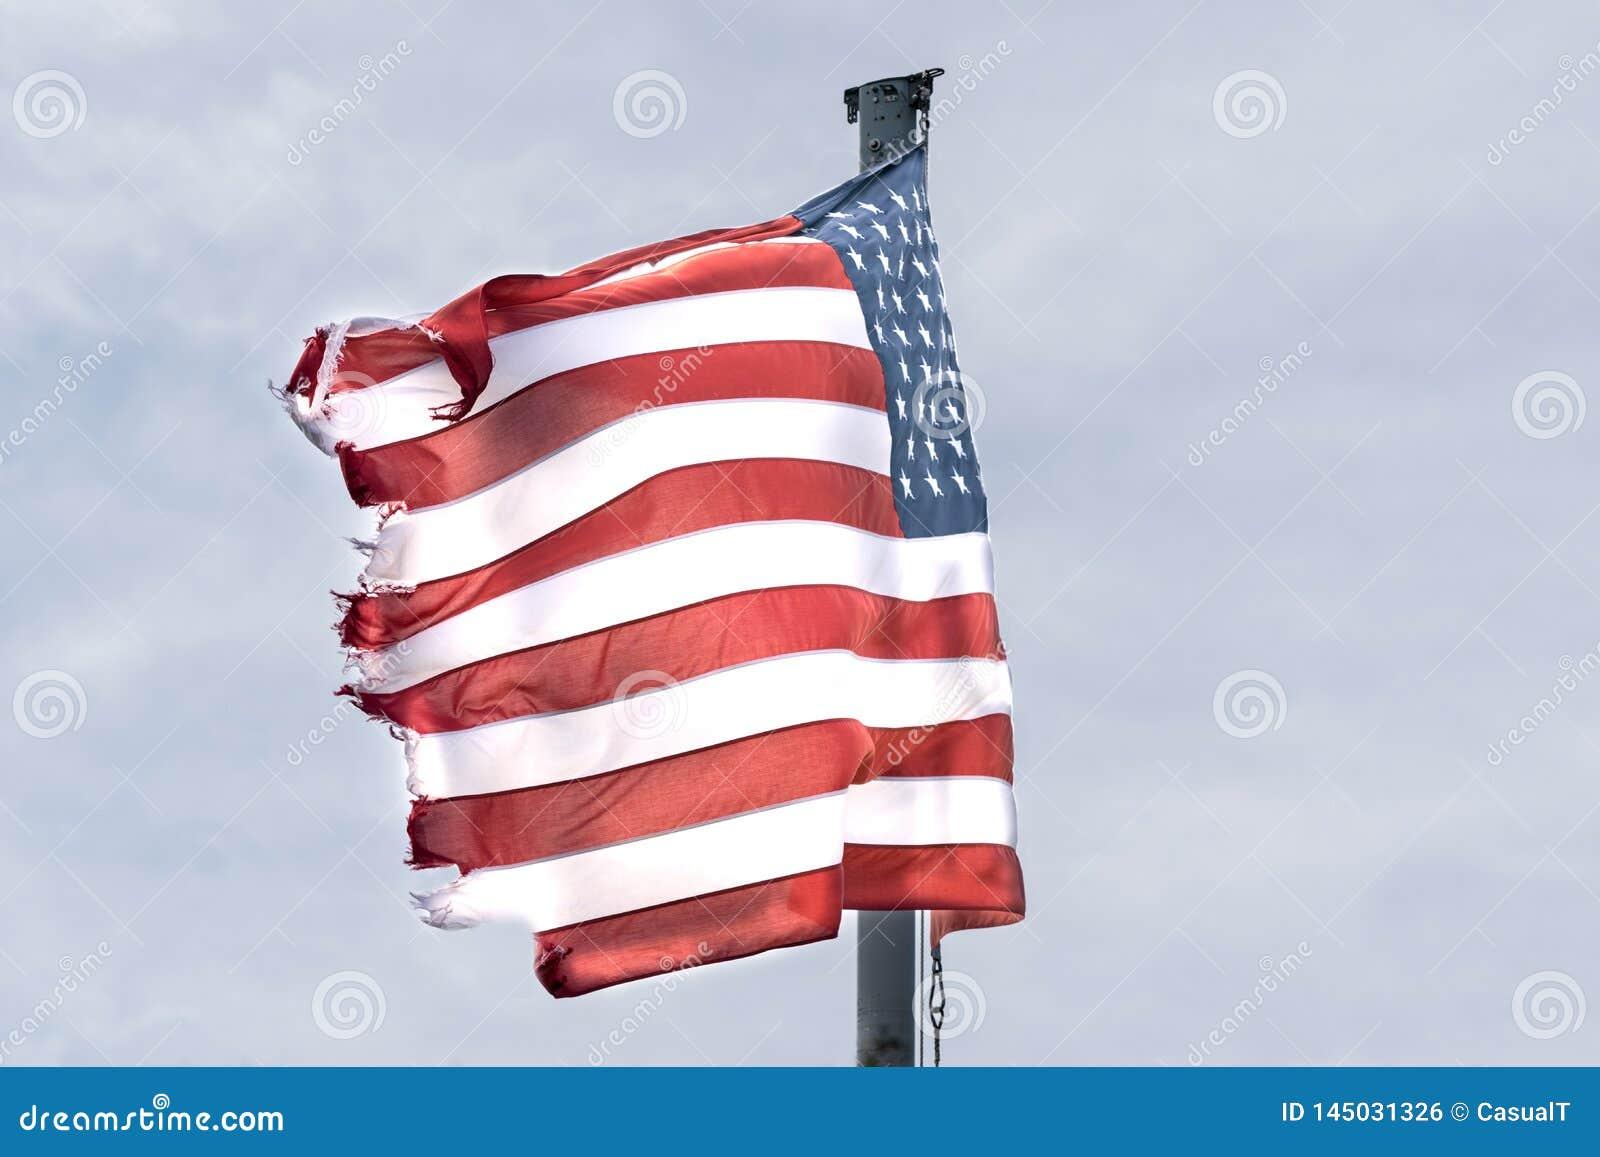 美国国旗,星&Stripes,被撕碎和磨损在边缘,吹在风在一灰色和阴沉的天,块